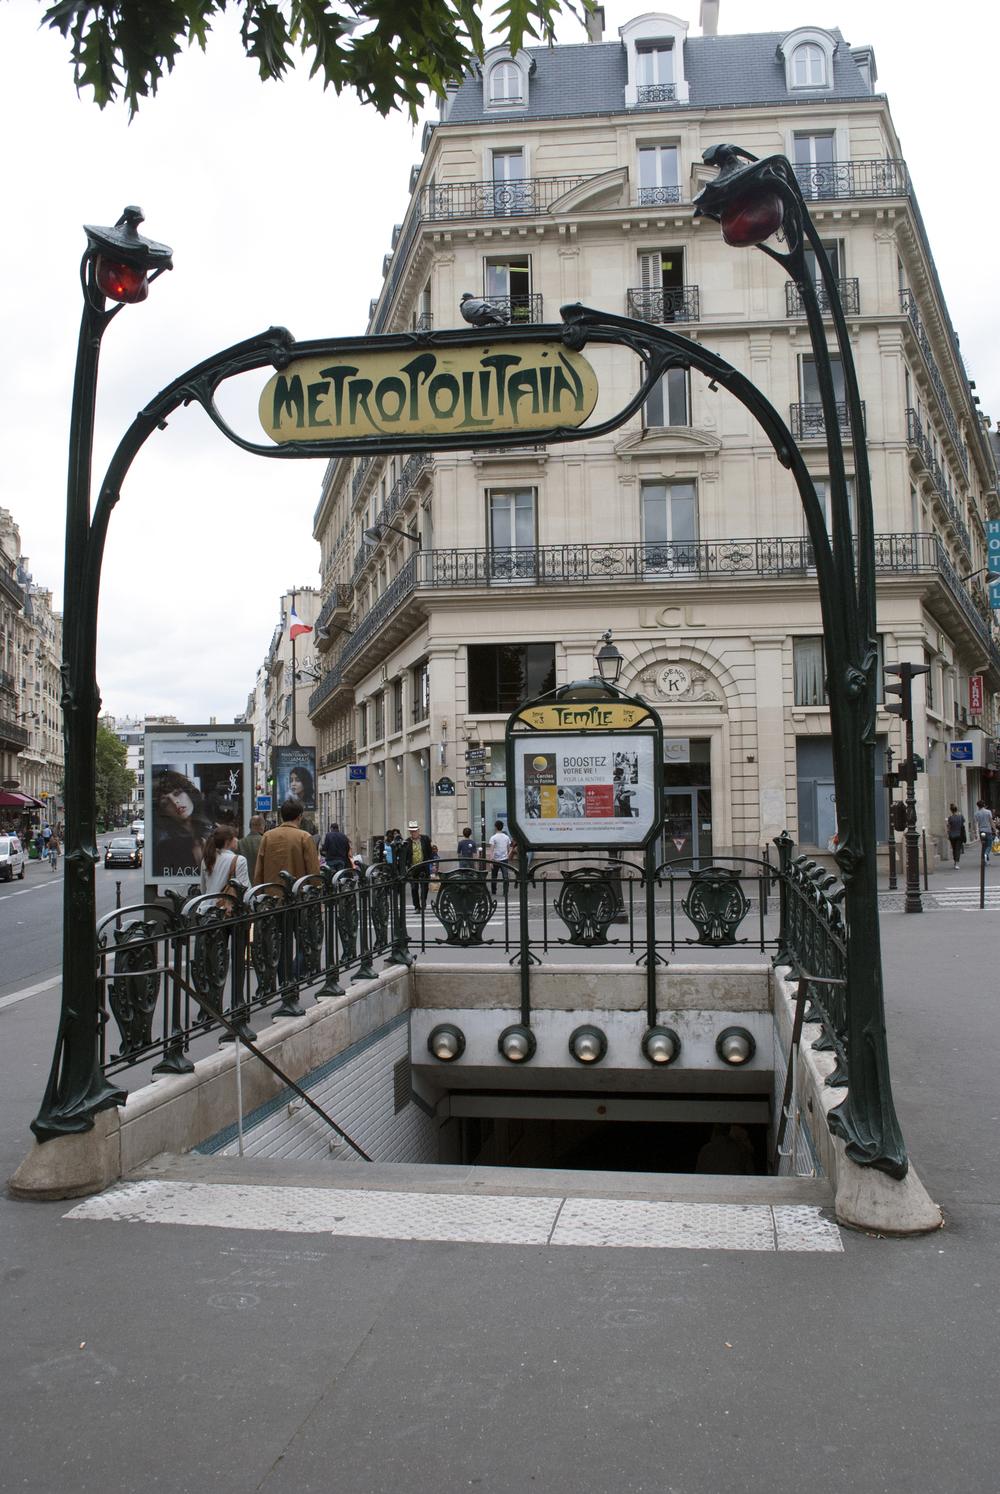 metropolitain-temple_lowres.jpg